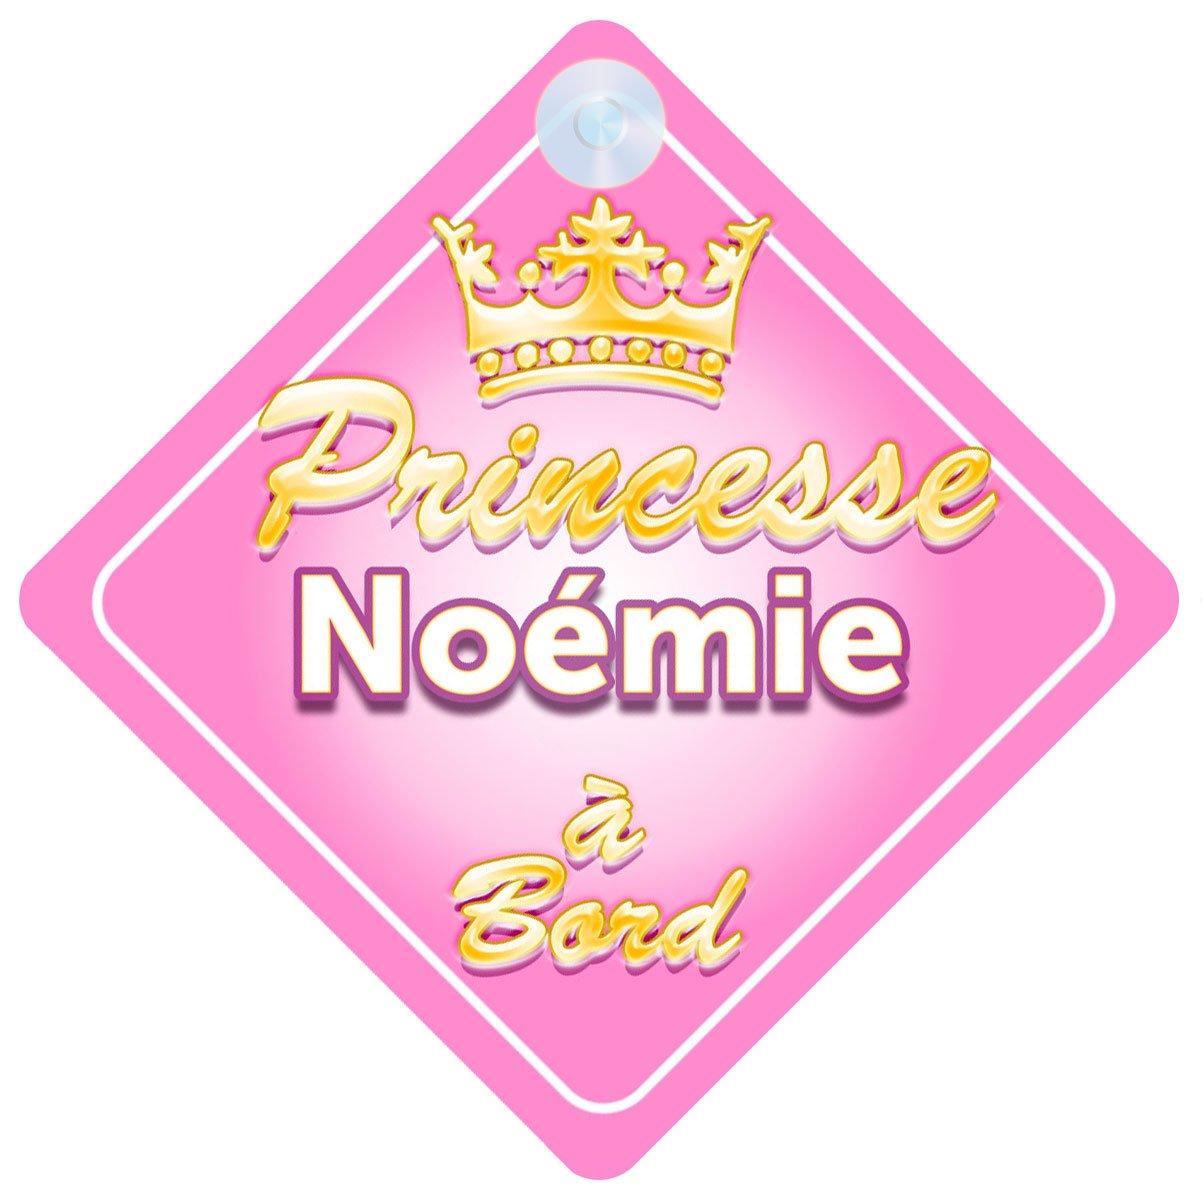 Couronne Princesse Noémie Signe Pour Voiture Enfant/Bébé à Bord durable service